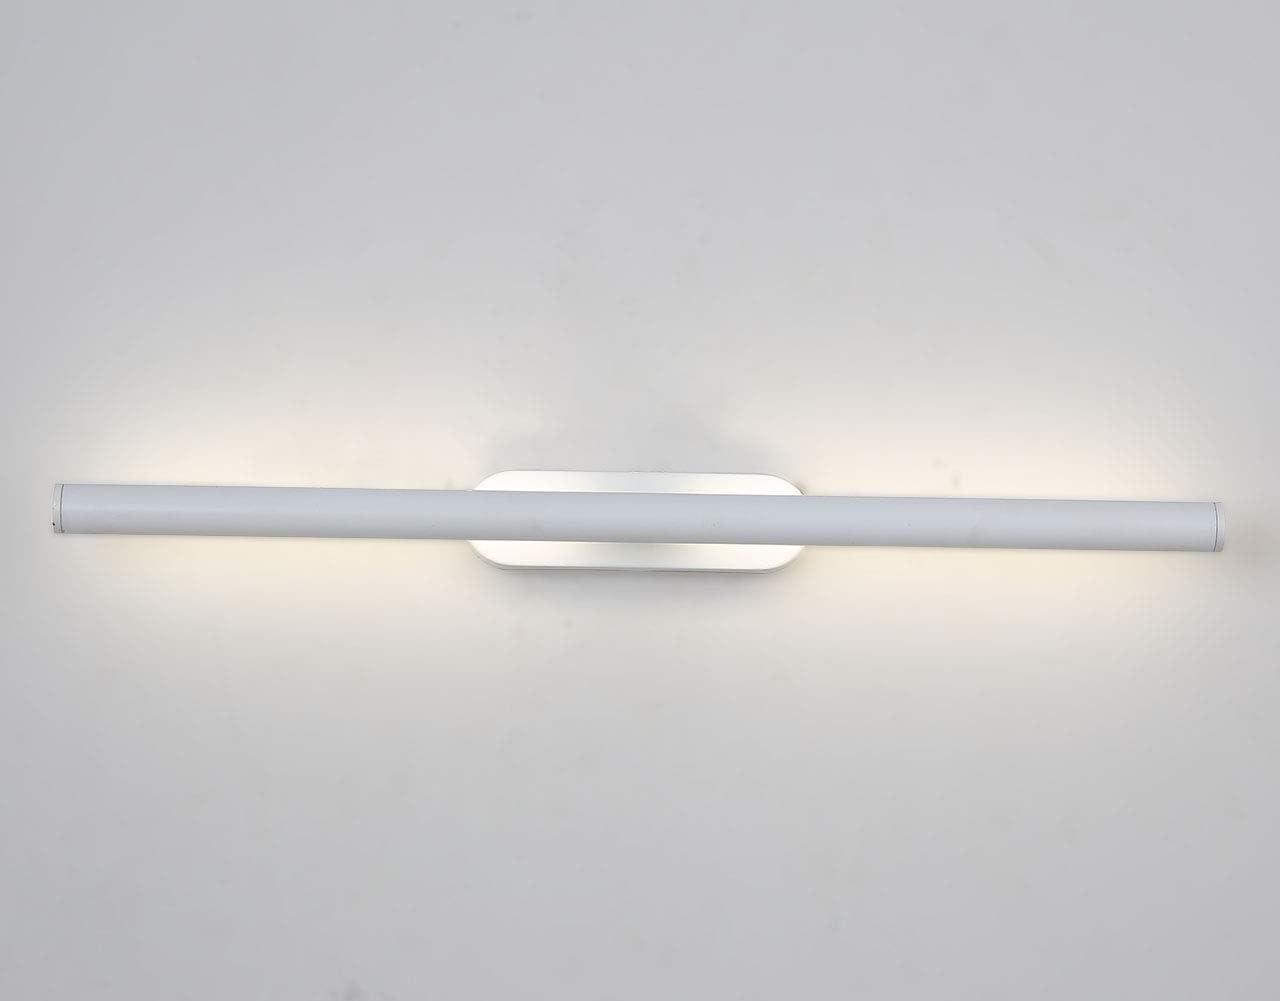 10W Spiegelleuchte Spiegellampe Badleuchte Badlampe Wandleuchte Schranklampe Bilderlampe Edelstahl Wasserdicht Natürliches Licht(10w)